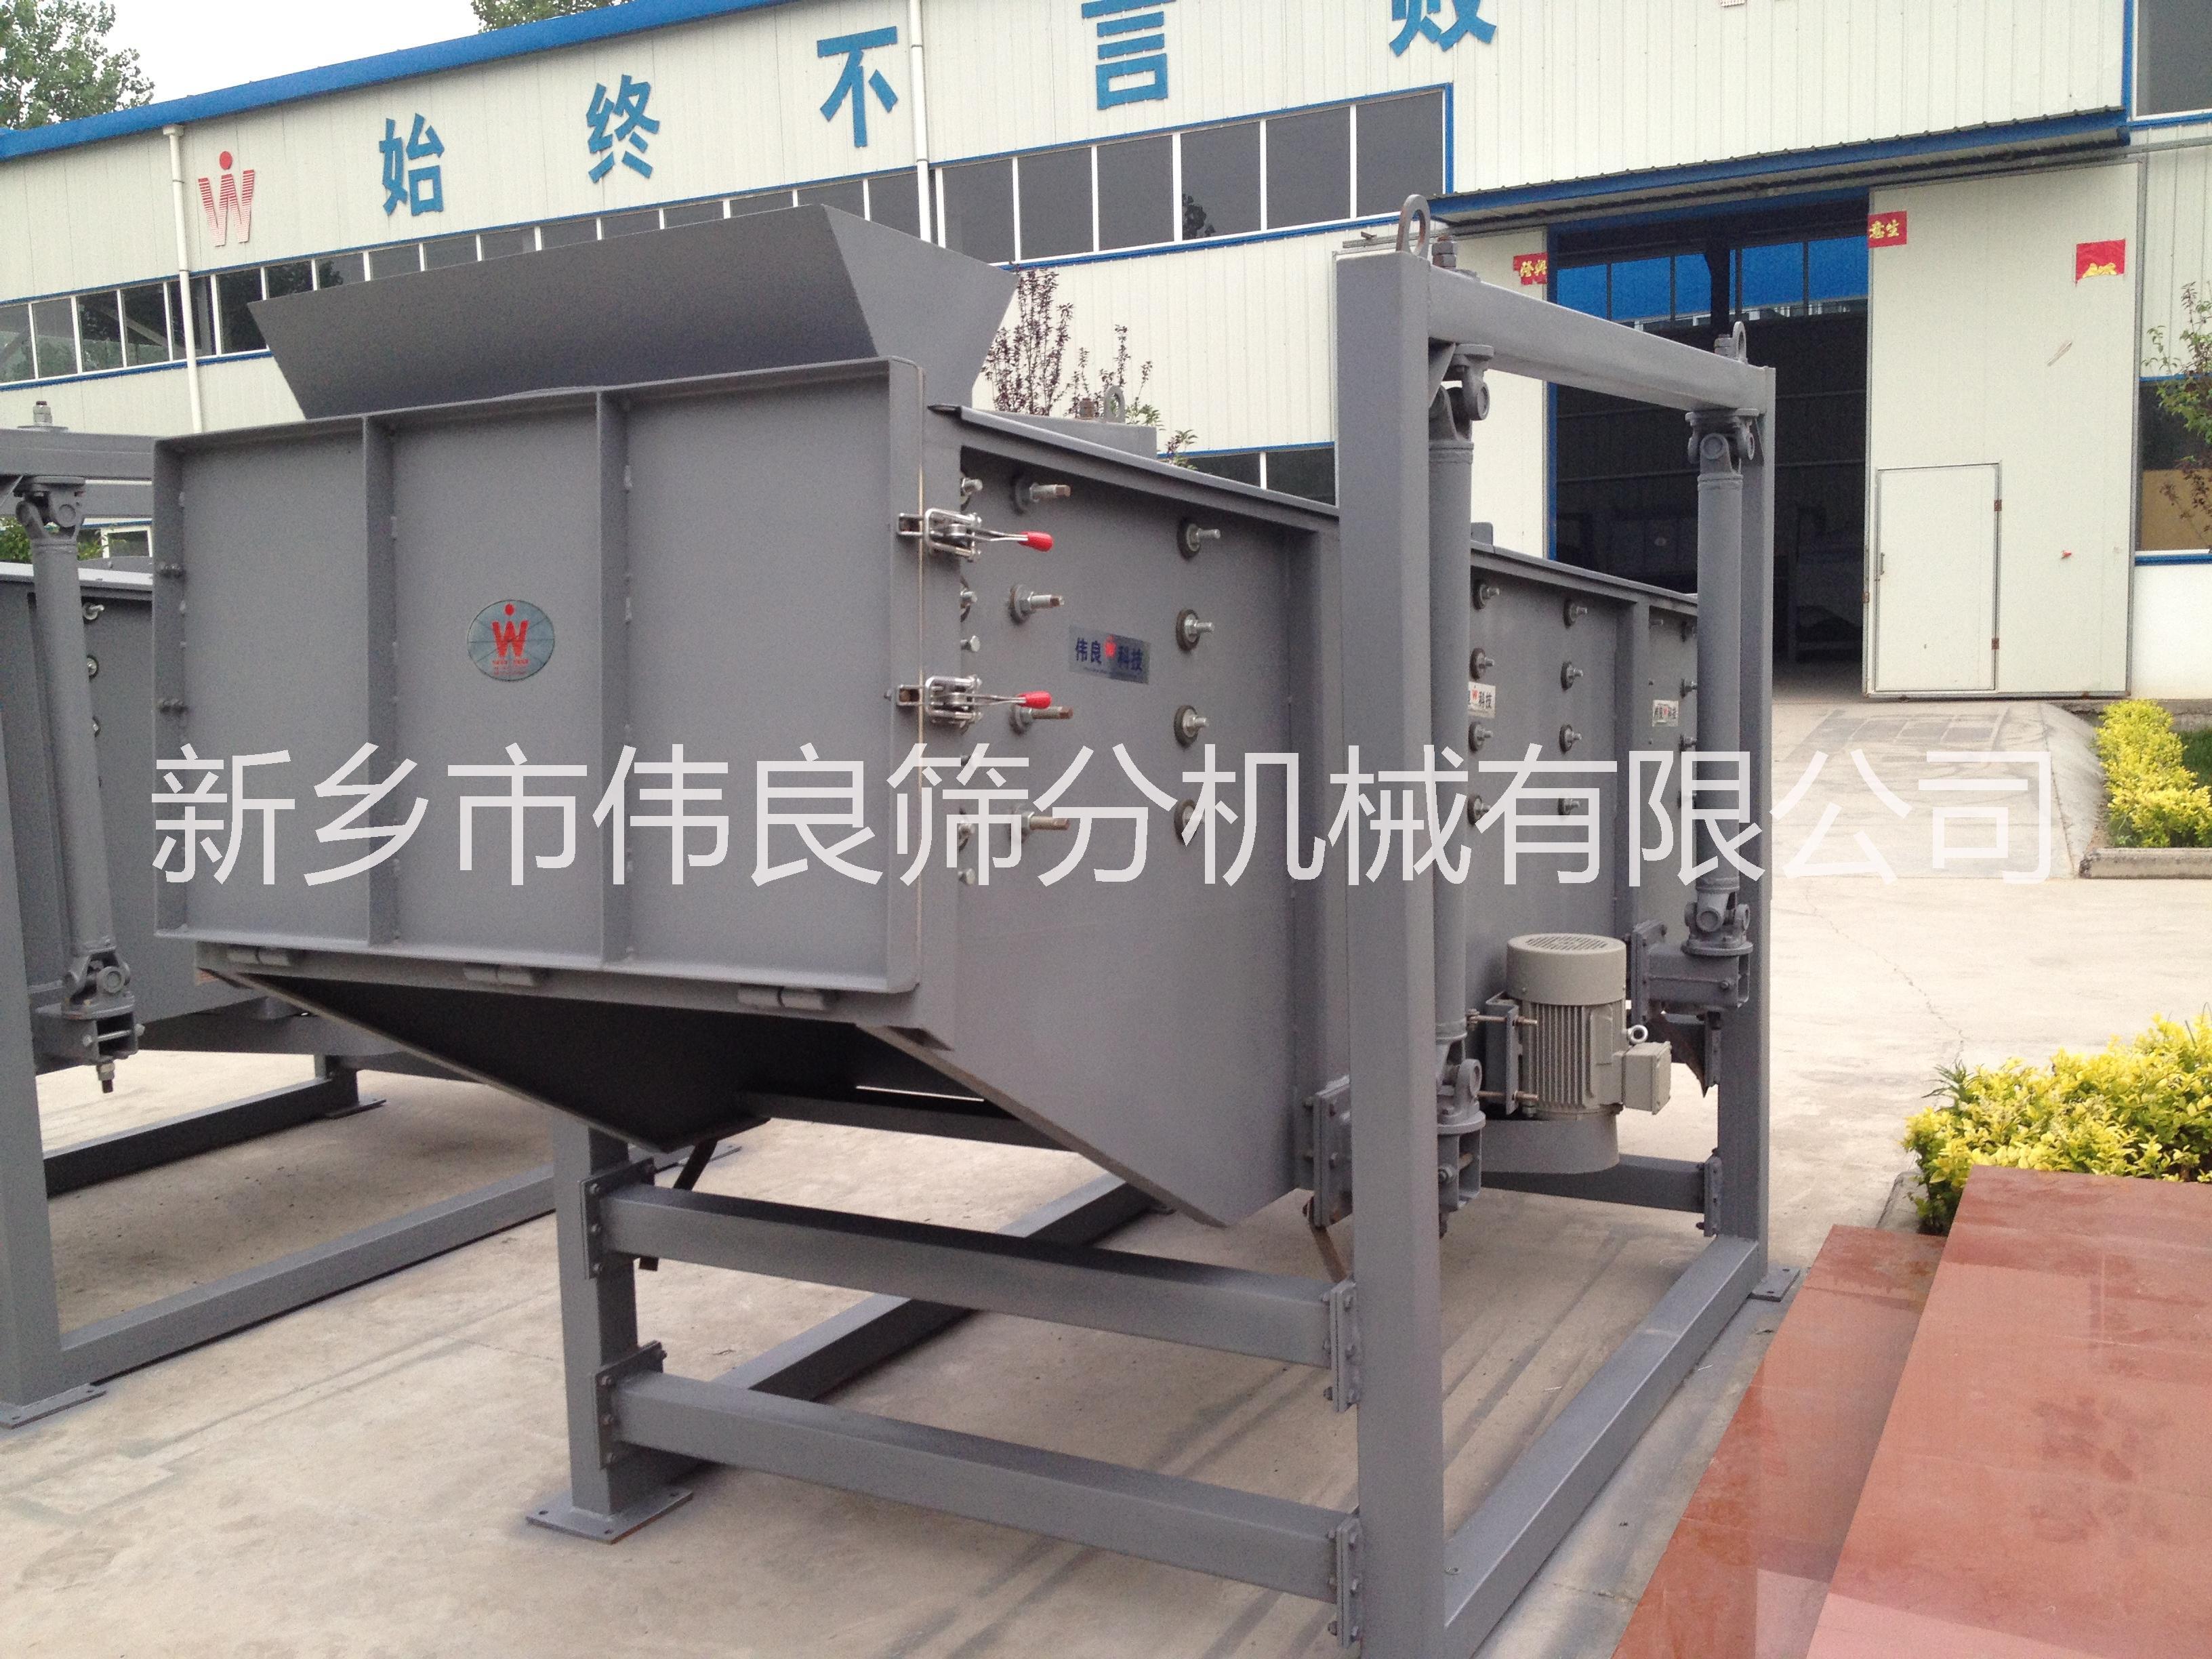 供应硅粉筛厂家直销,硅粉筛厂家直销价格,河南新乡硅粉筛厂家直销